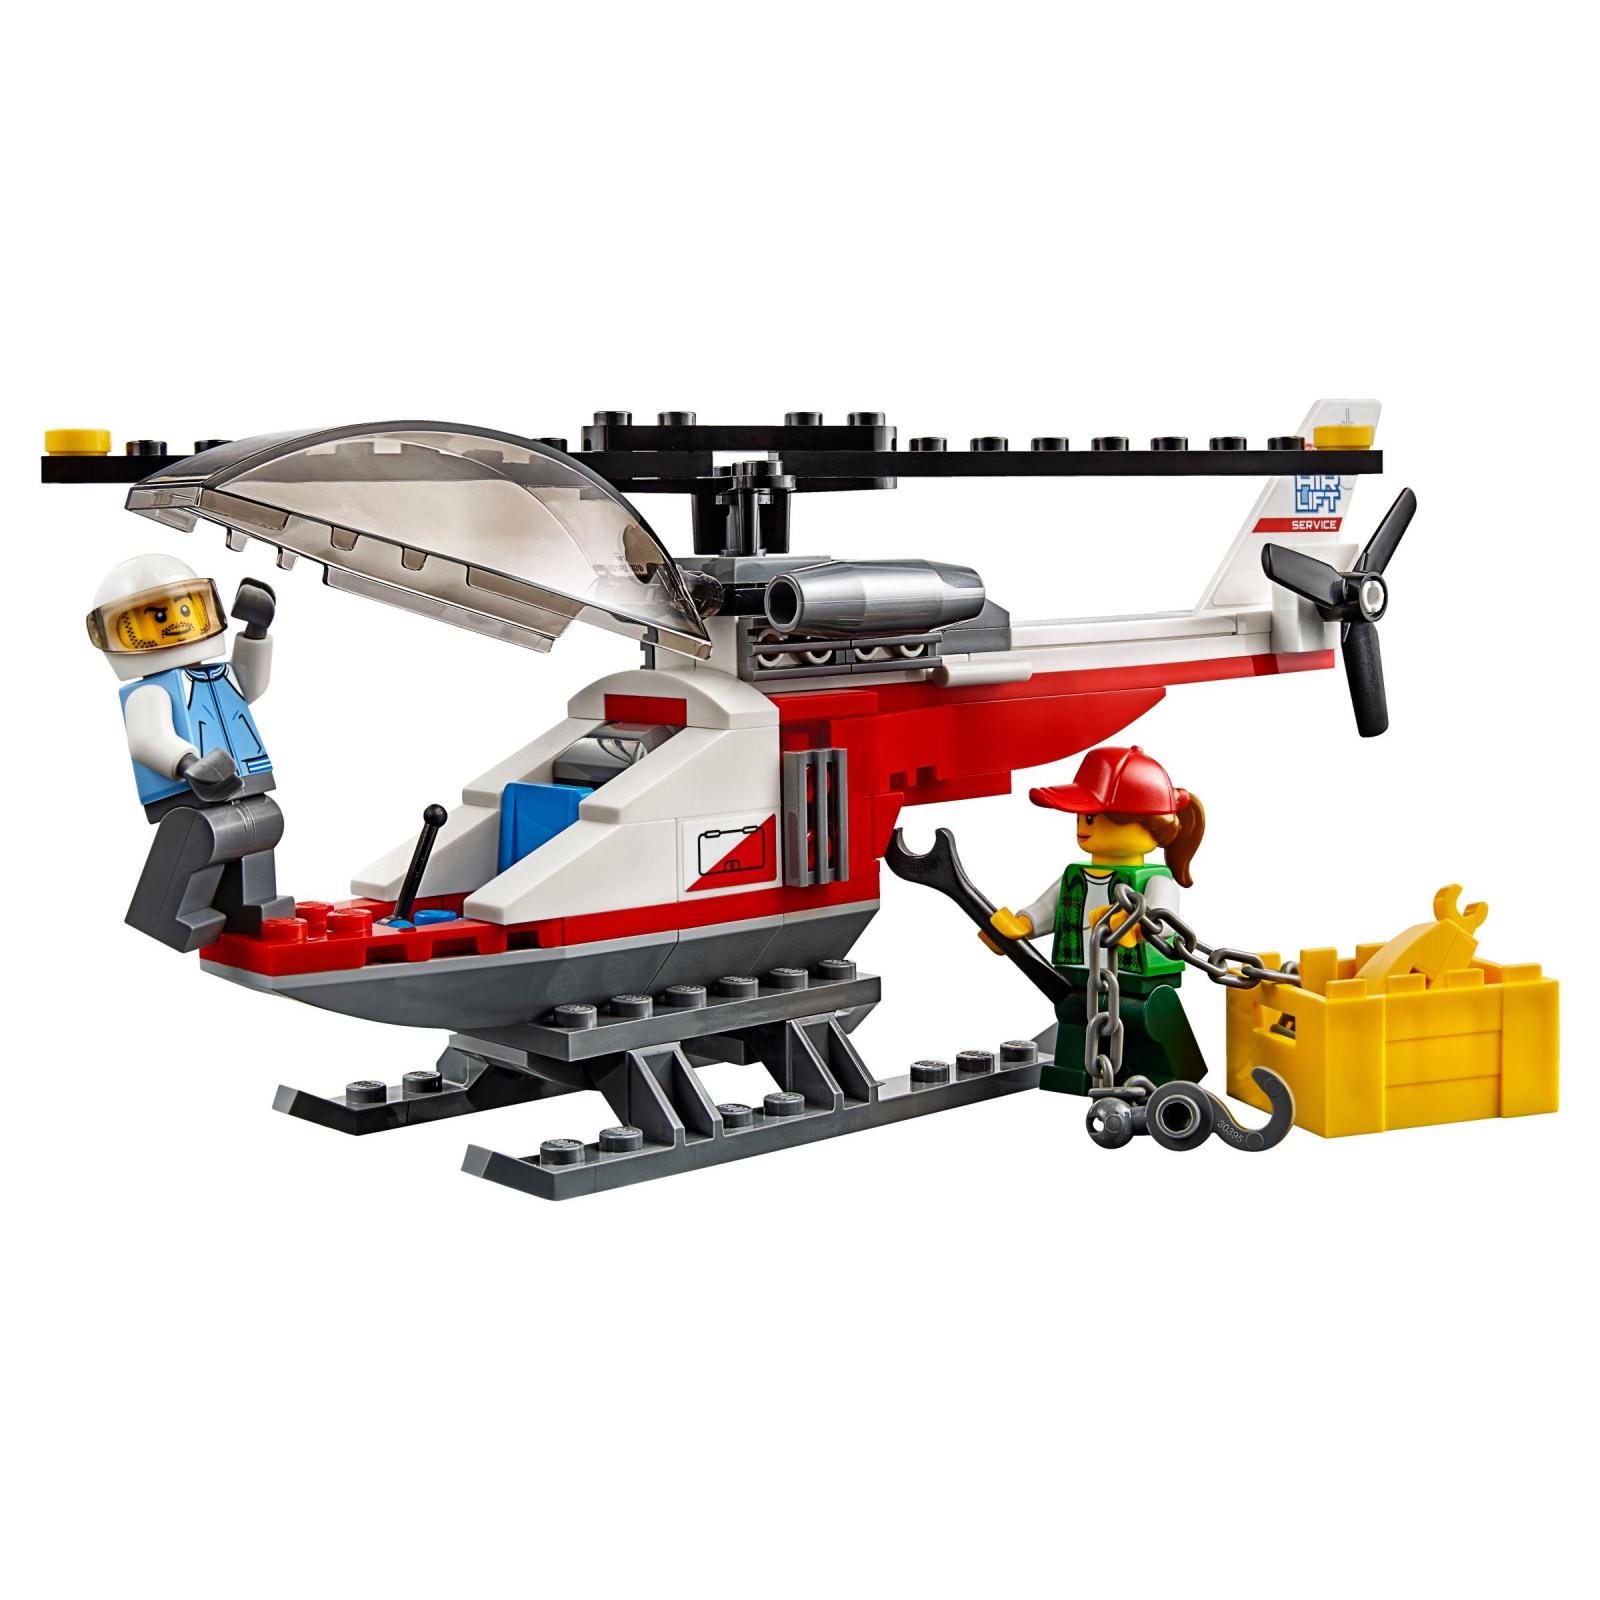 Конструктор LEGO City Перевозка тяжелых грузов (60183) изображение 7